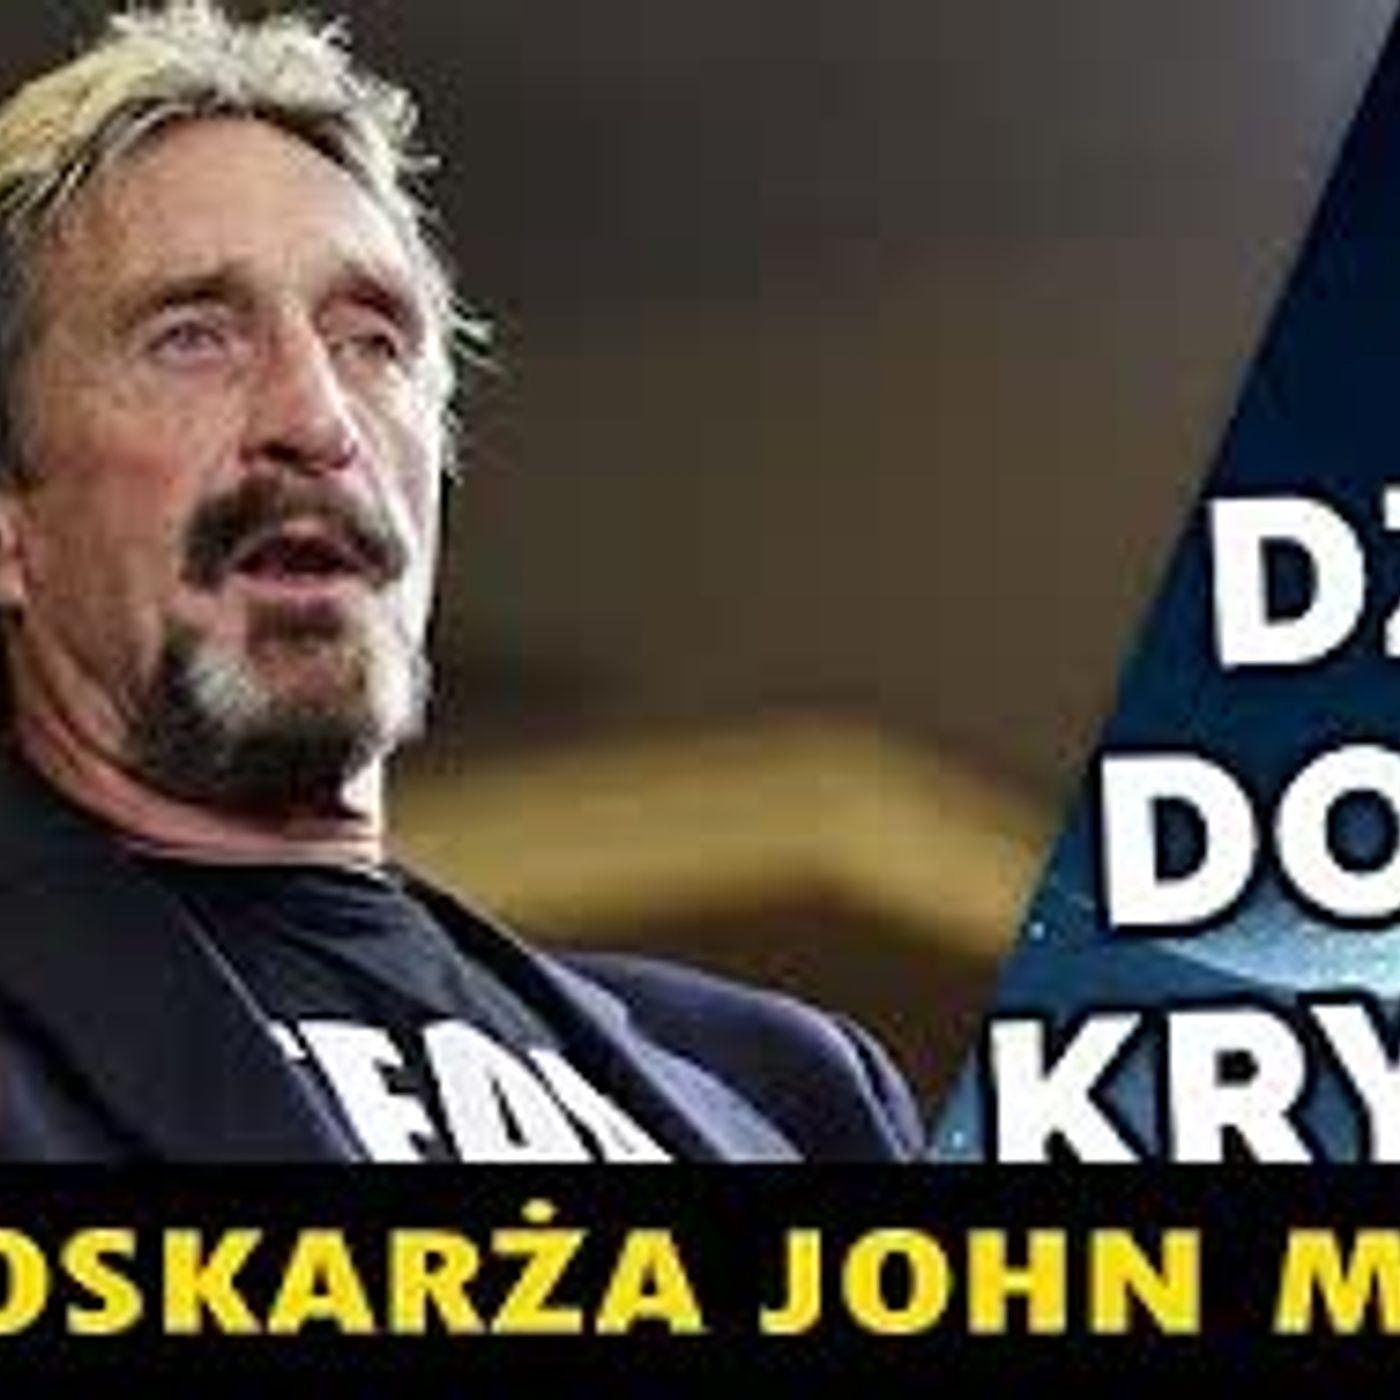 #DDK | 06.10.2020 | JOHN THE POMP? SUSHI PONIŻEJ $1? EUROPOL - SAMURAI I WASABI? BLOOMBERG - BITCOIN DO $100000?